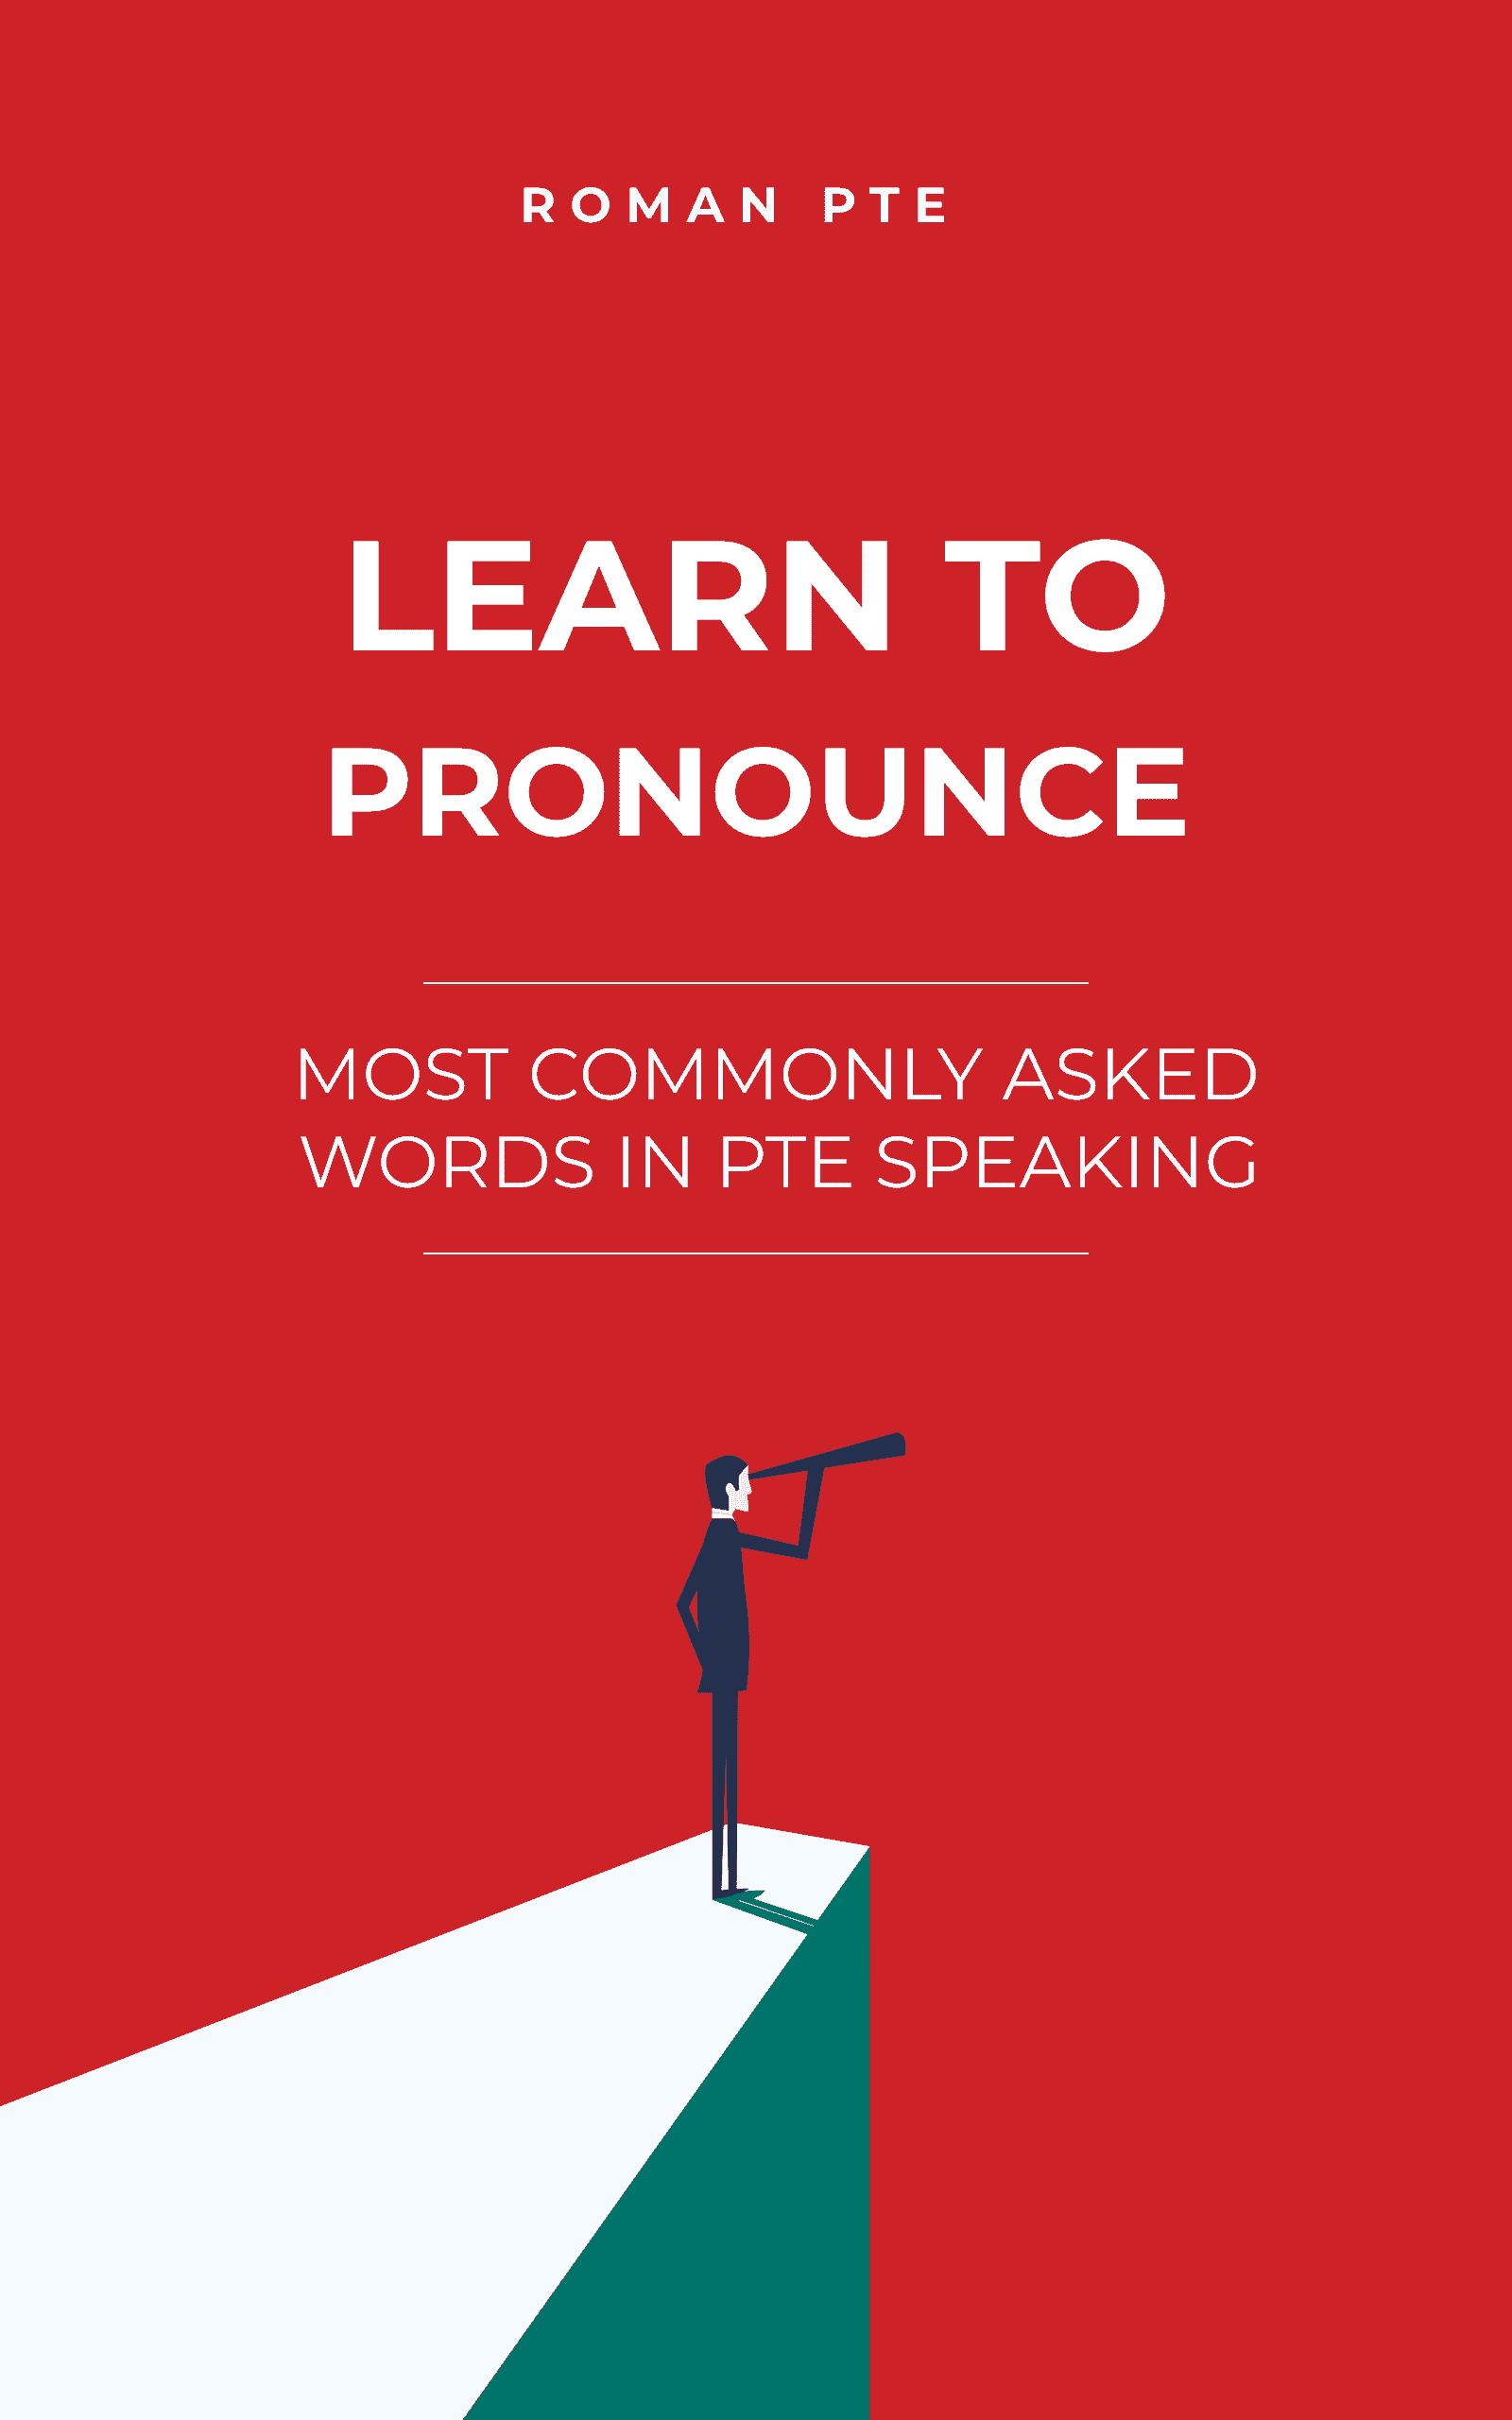 PTE pronunciation handbook